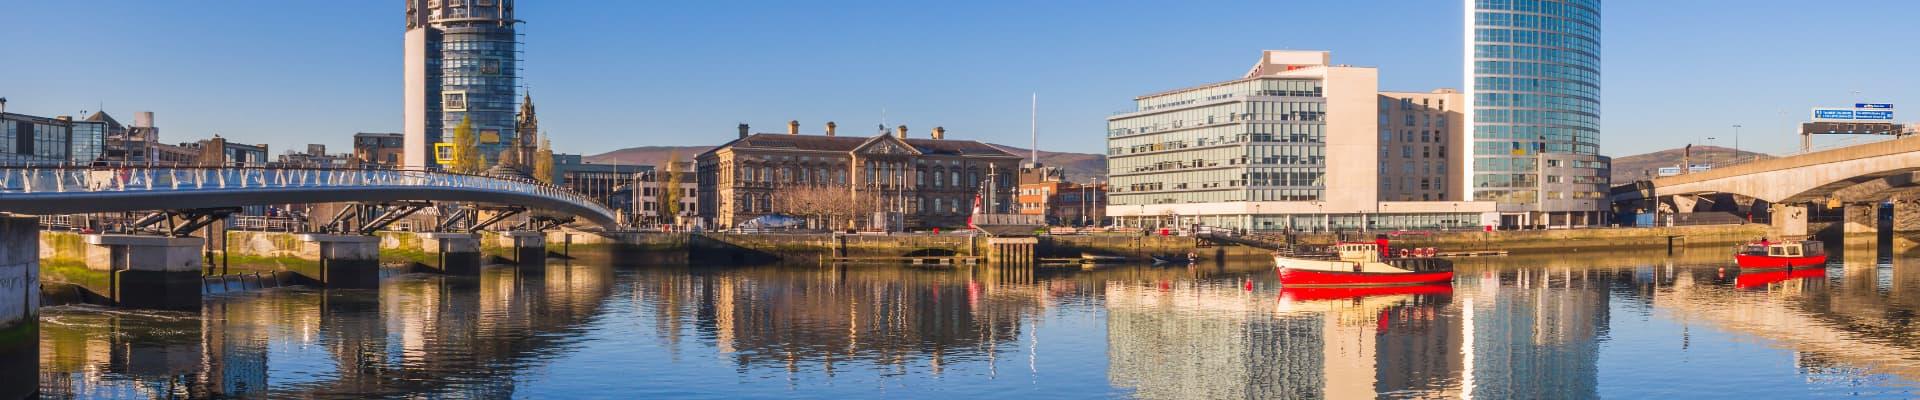 Northern Ireland UK Property Market